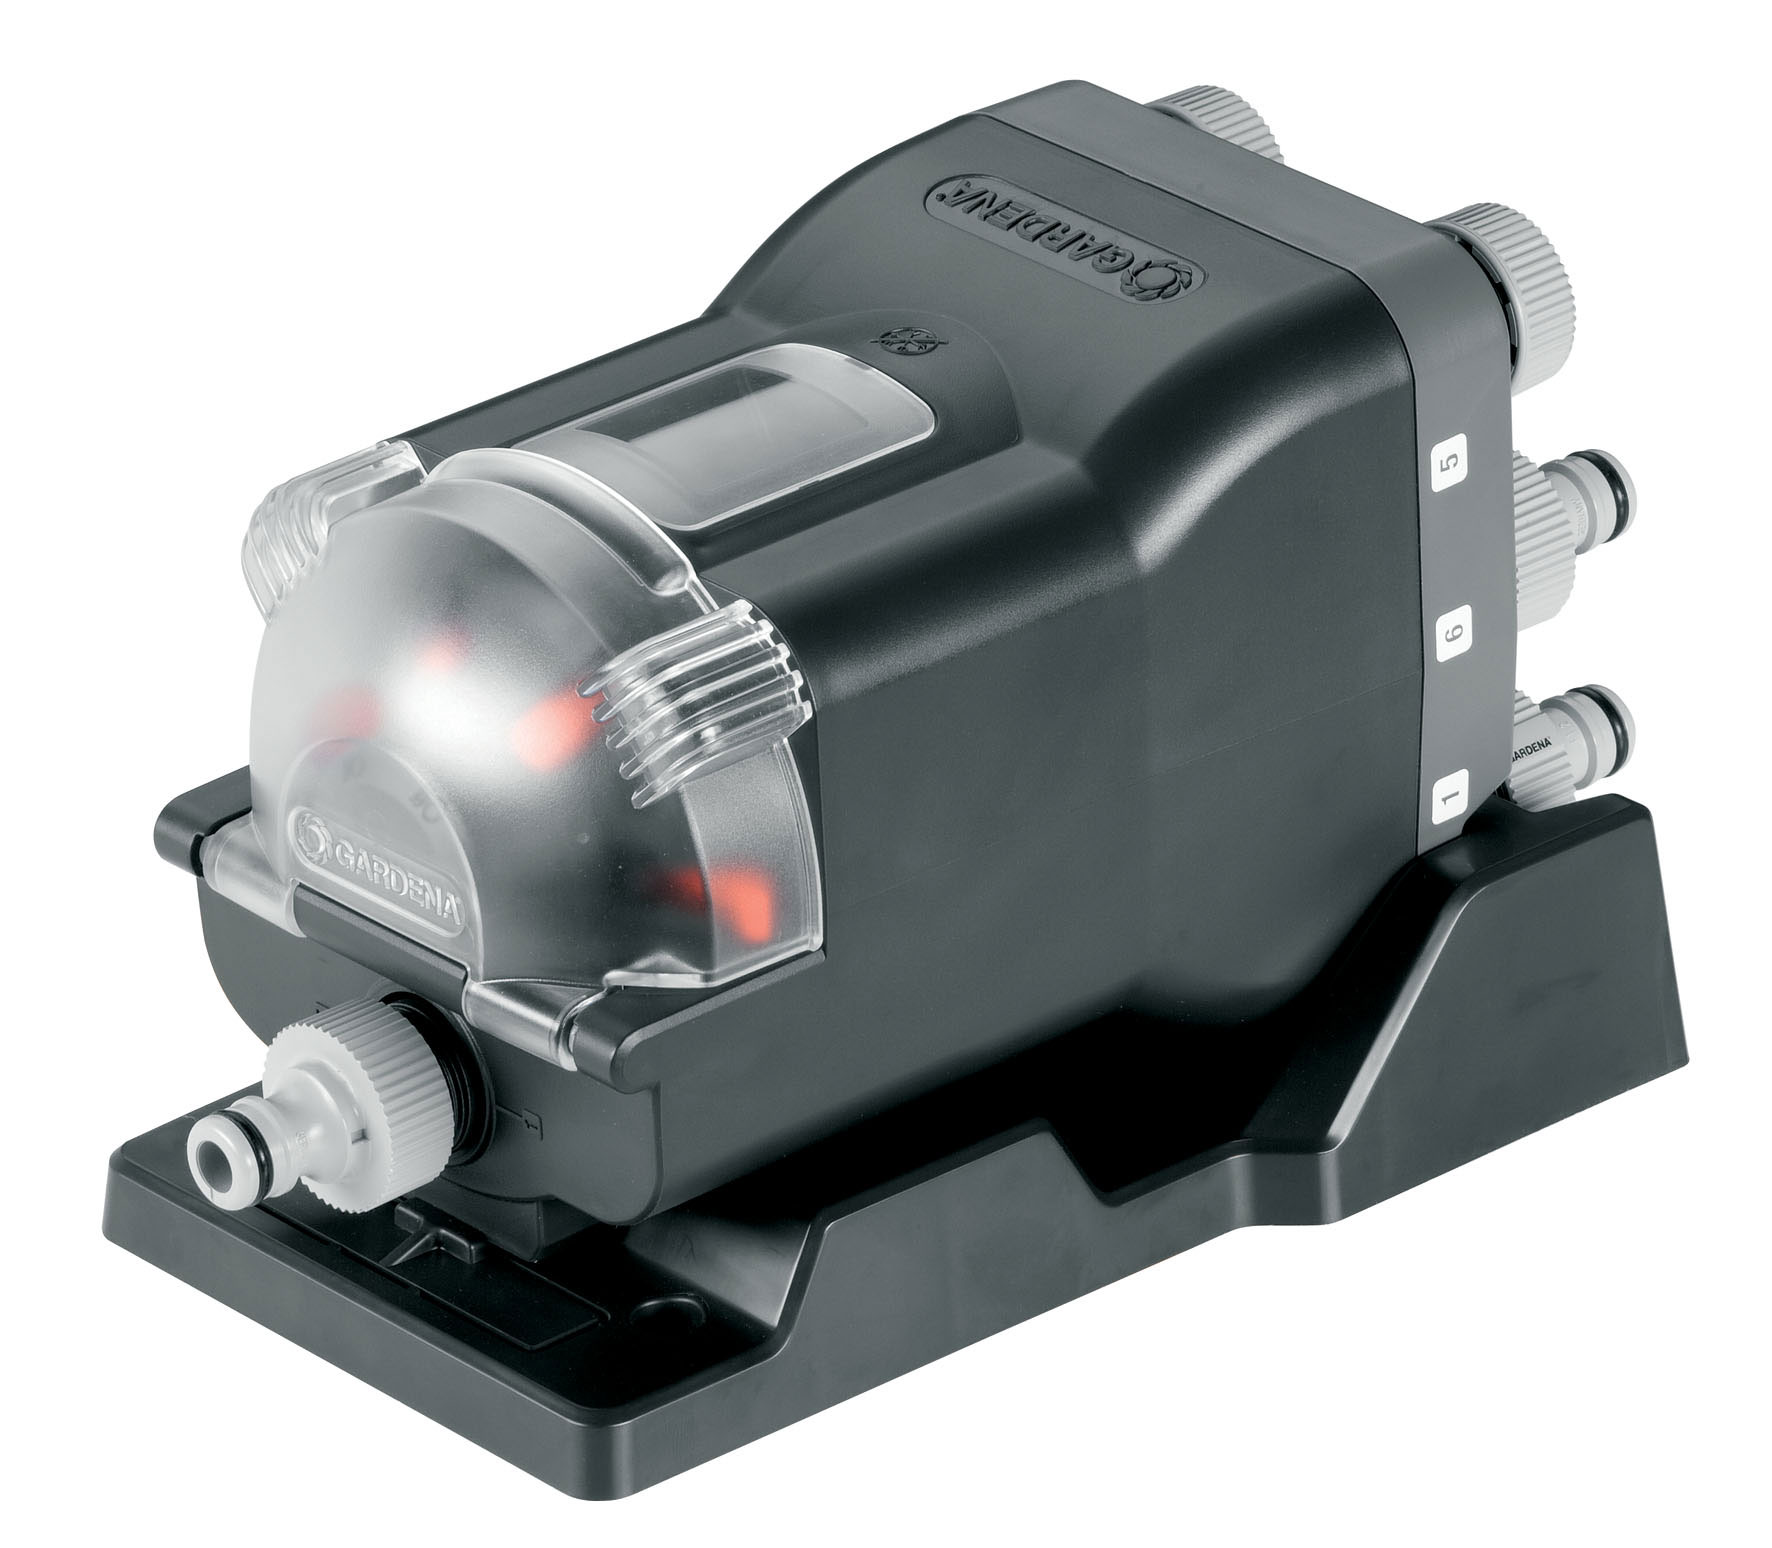 GARDENA Wasserverteiler automatic 01197-20 Bild 1